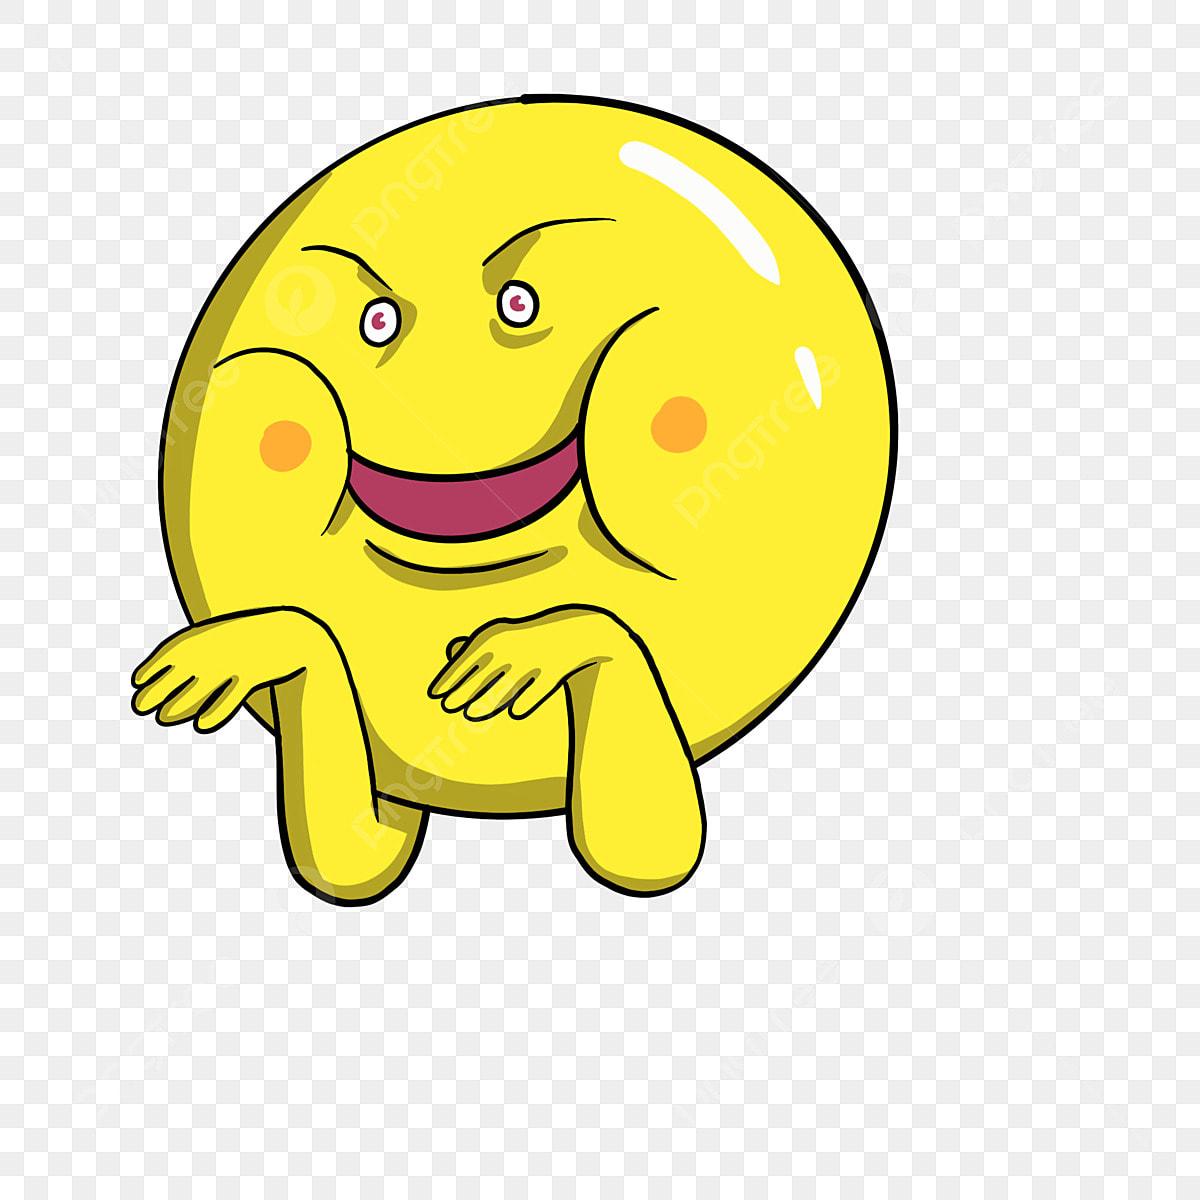 Muka Smiley Wajah Smiley Kuning Mulut Ketawa Gembira Wajah